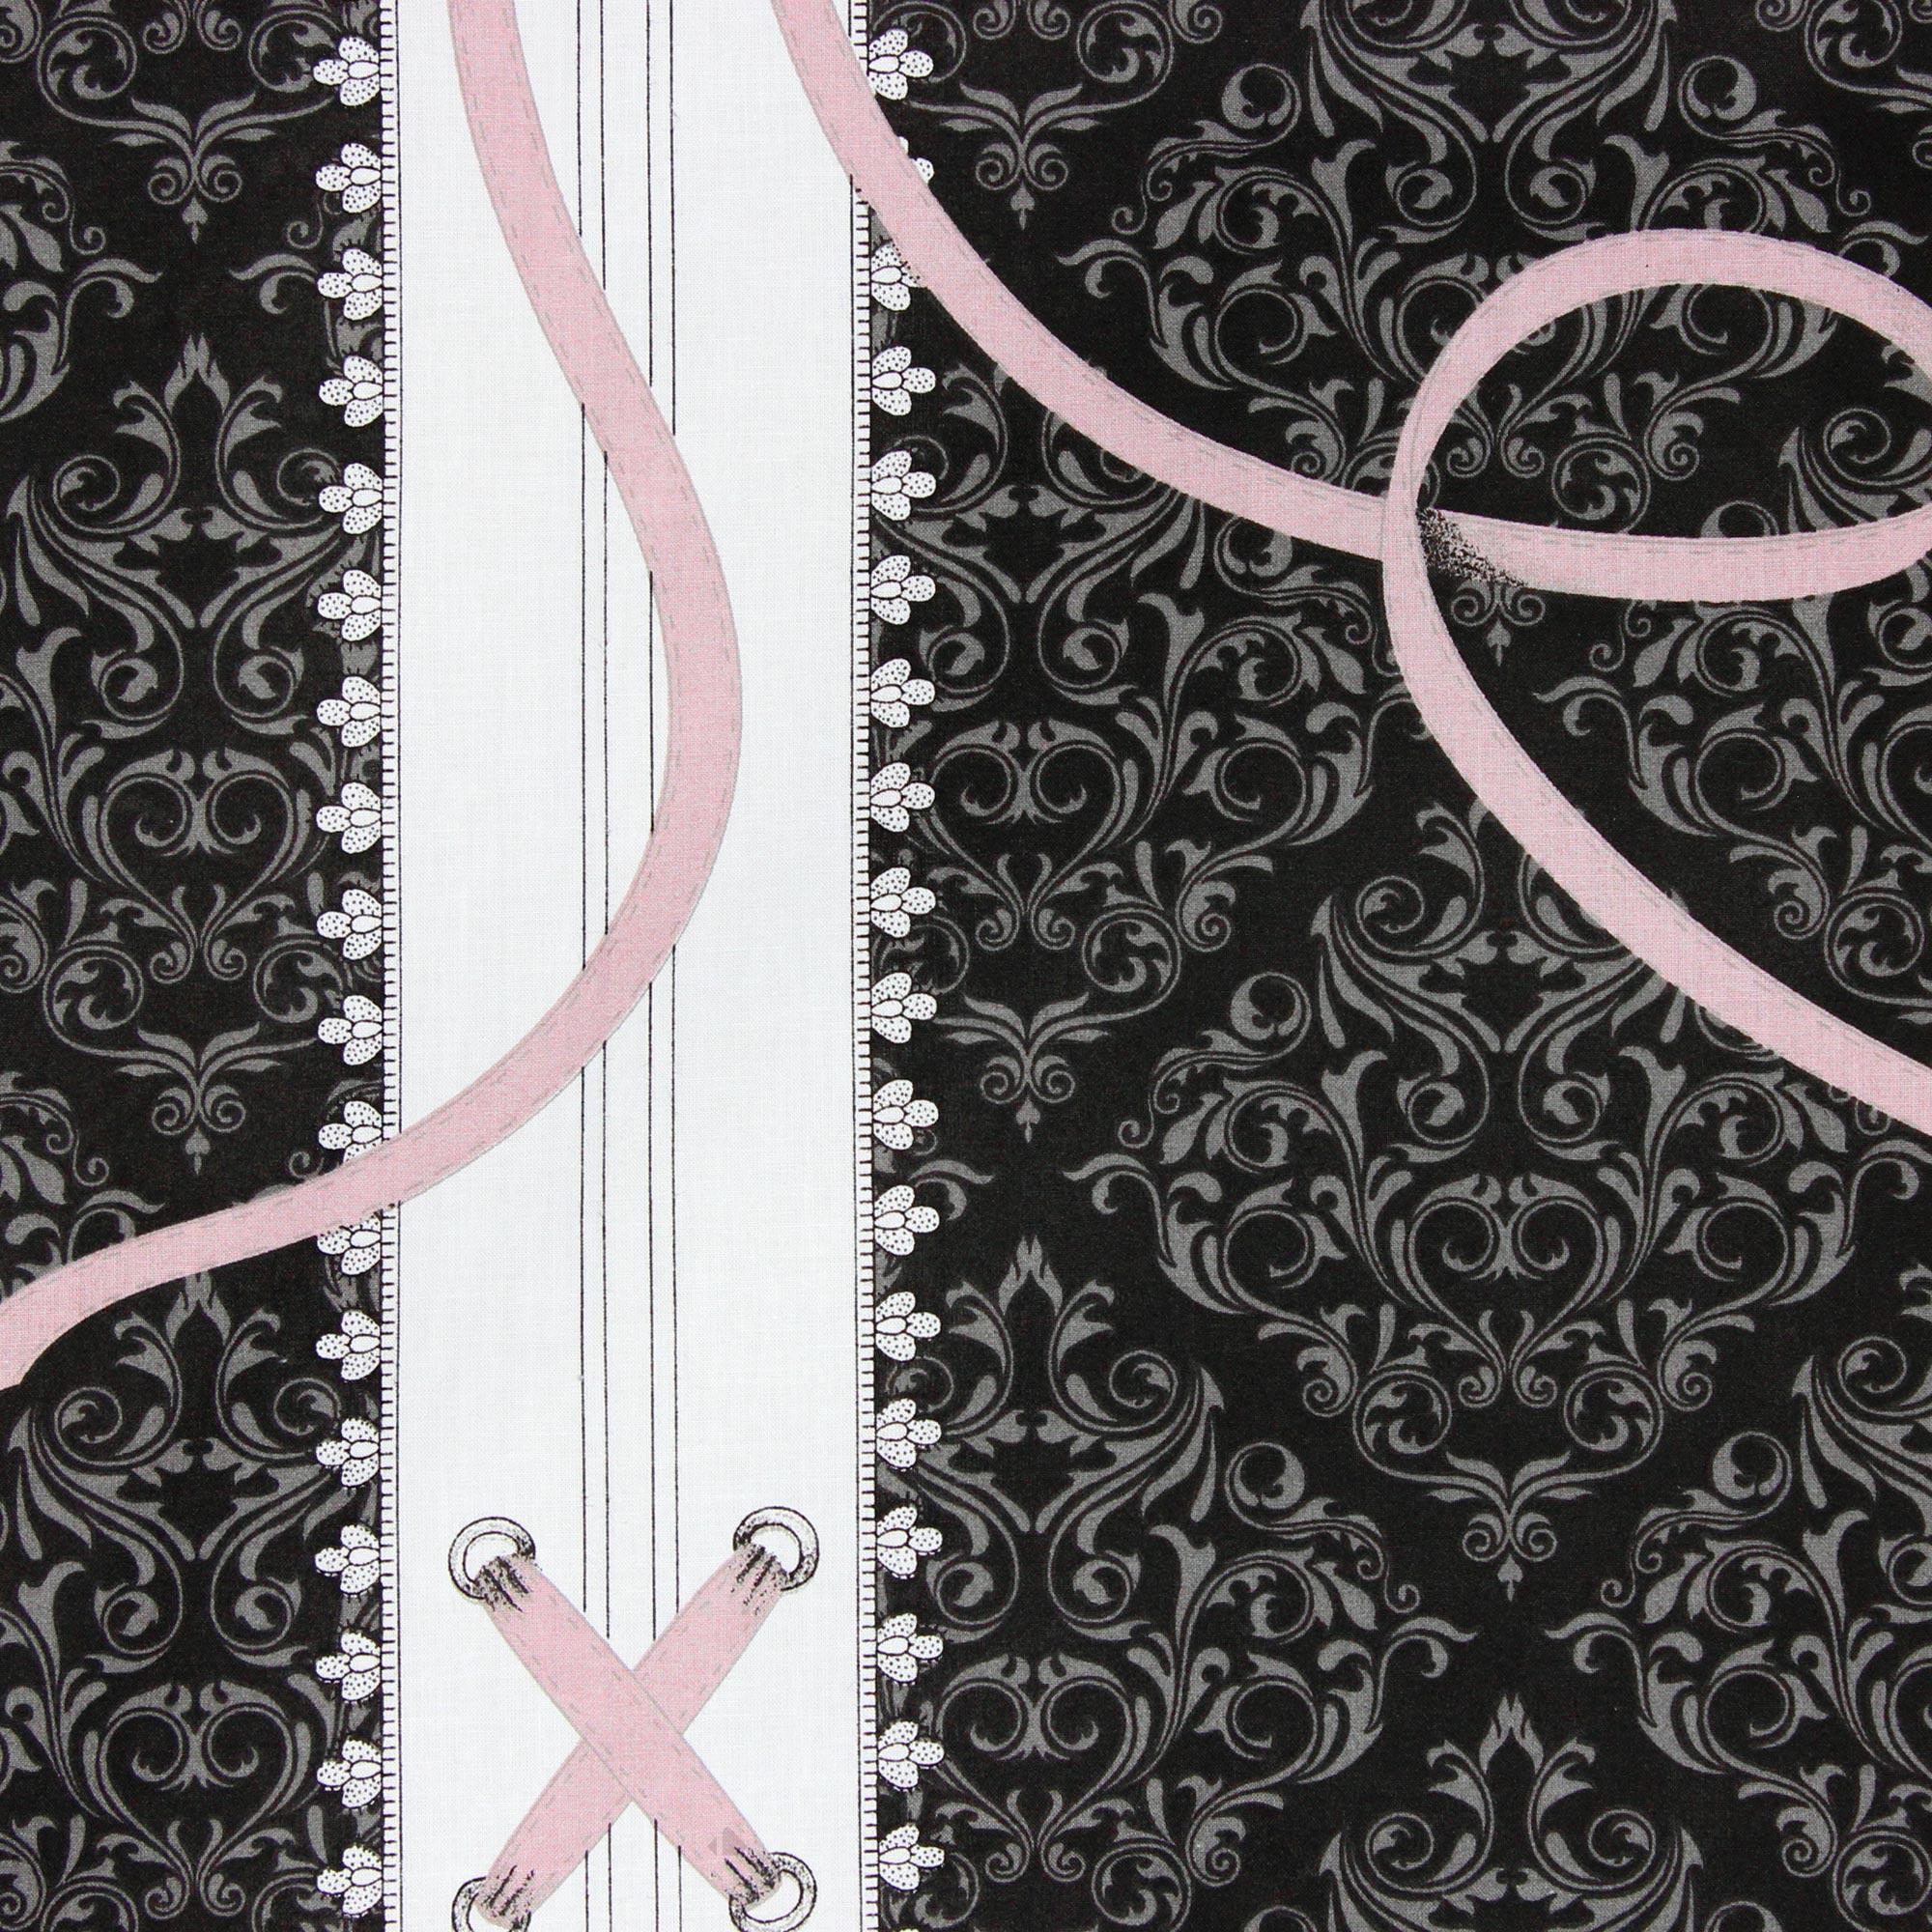 Housse de couette 240x220 cm 100 coton glamour rose - Housse de couette glamour ...